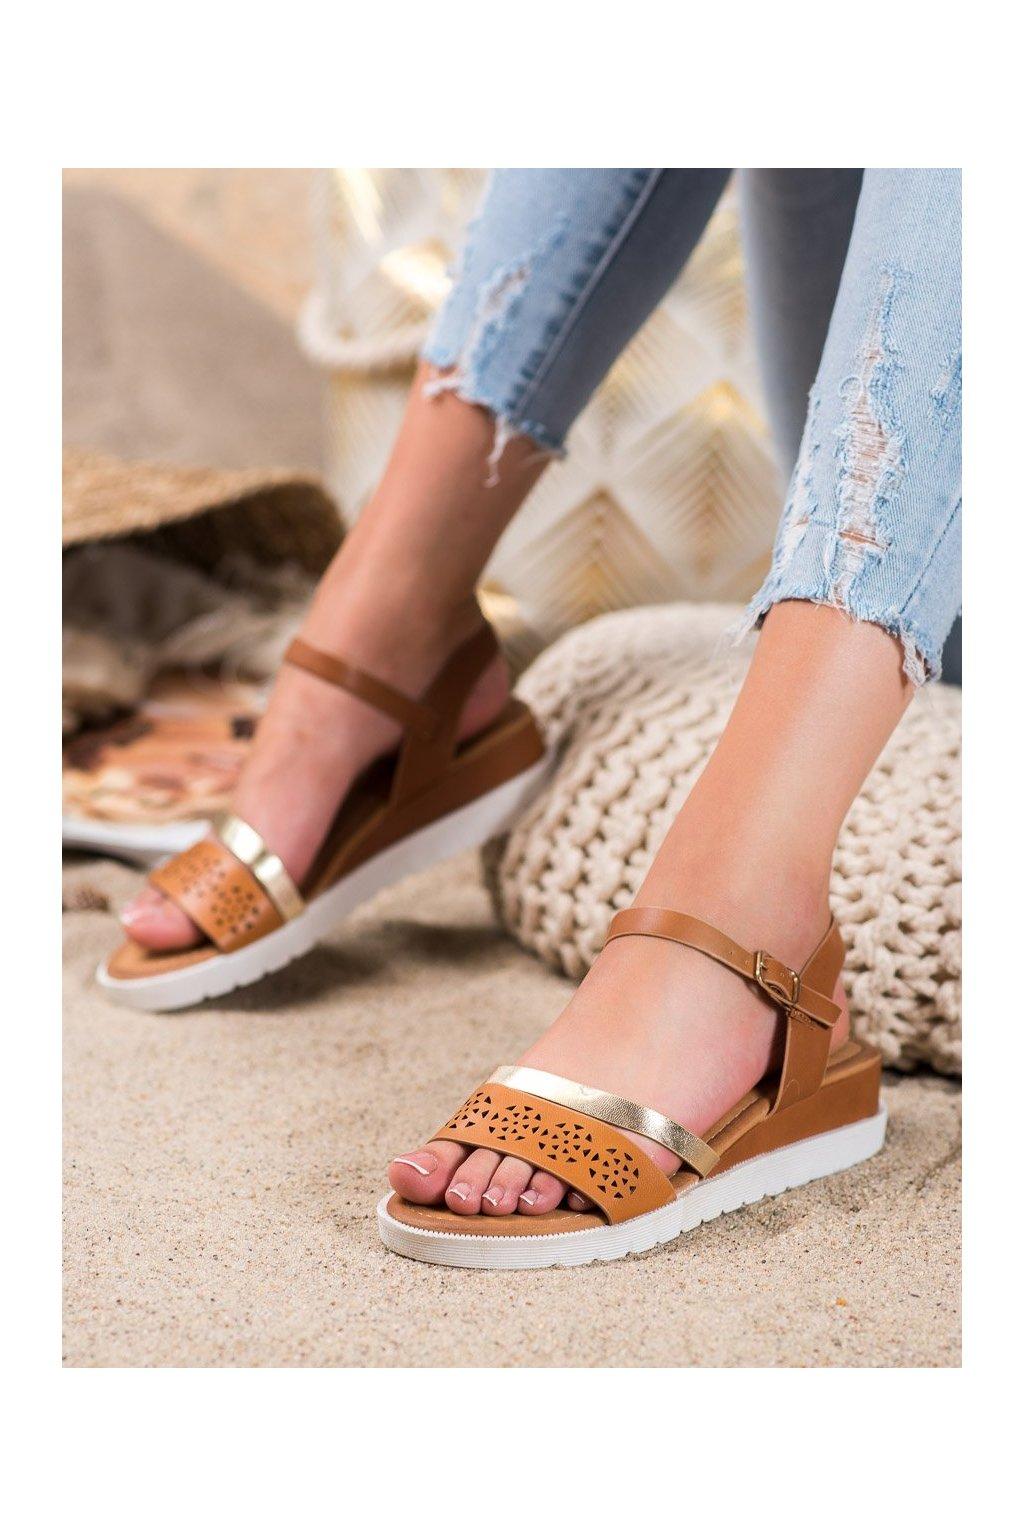 Hnedé sandále Renda NJSK RD048C